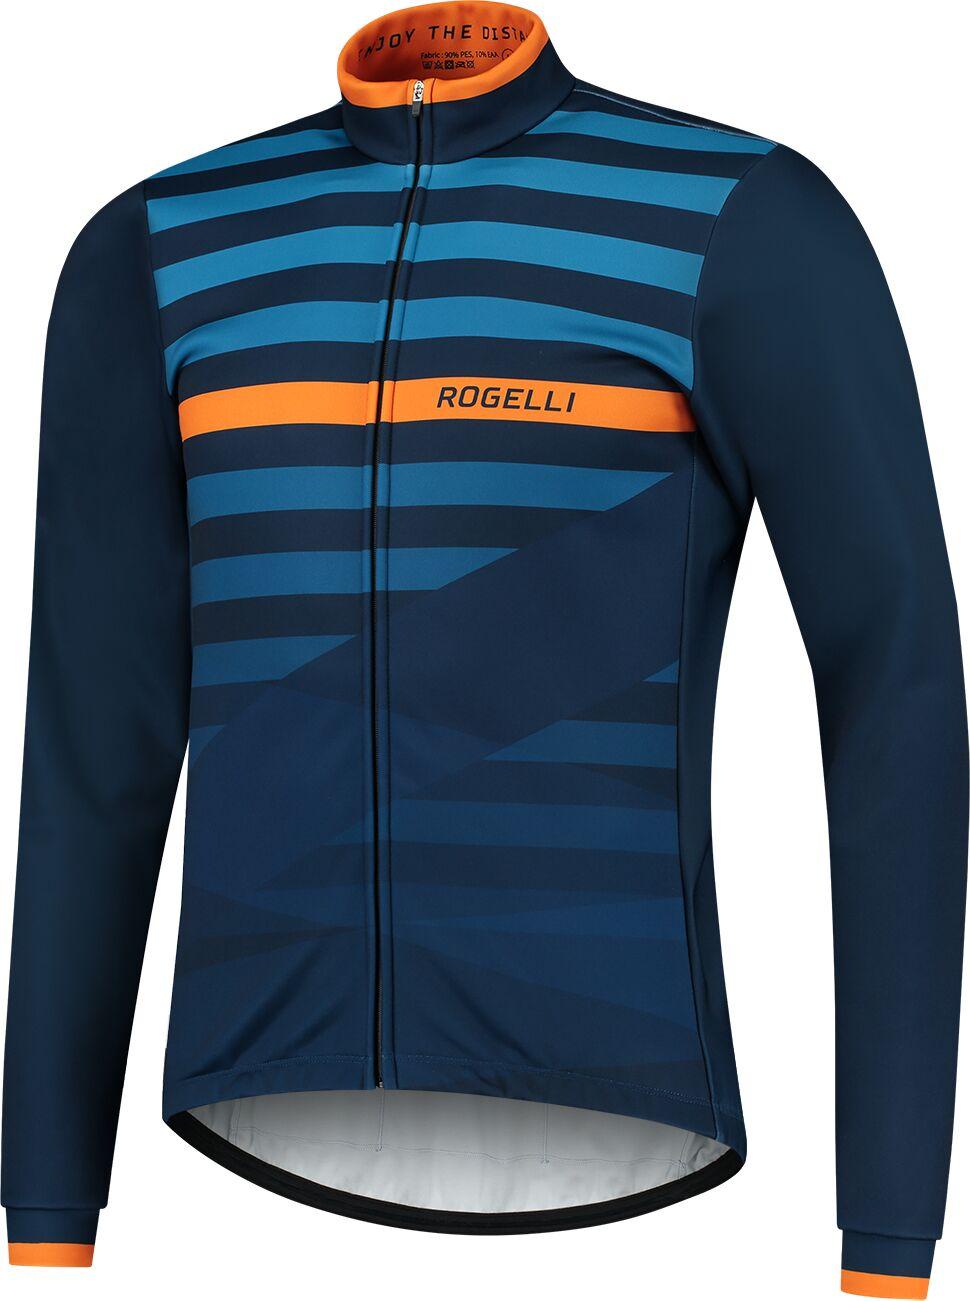 ROGELLI kurtka rowerowa zimowa STRIPE blue ROG351041 Rozmiar: XL,SROG351041.S